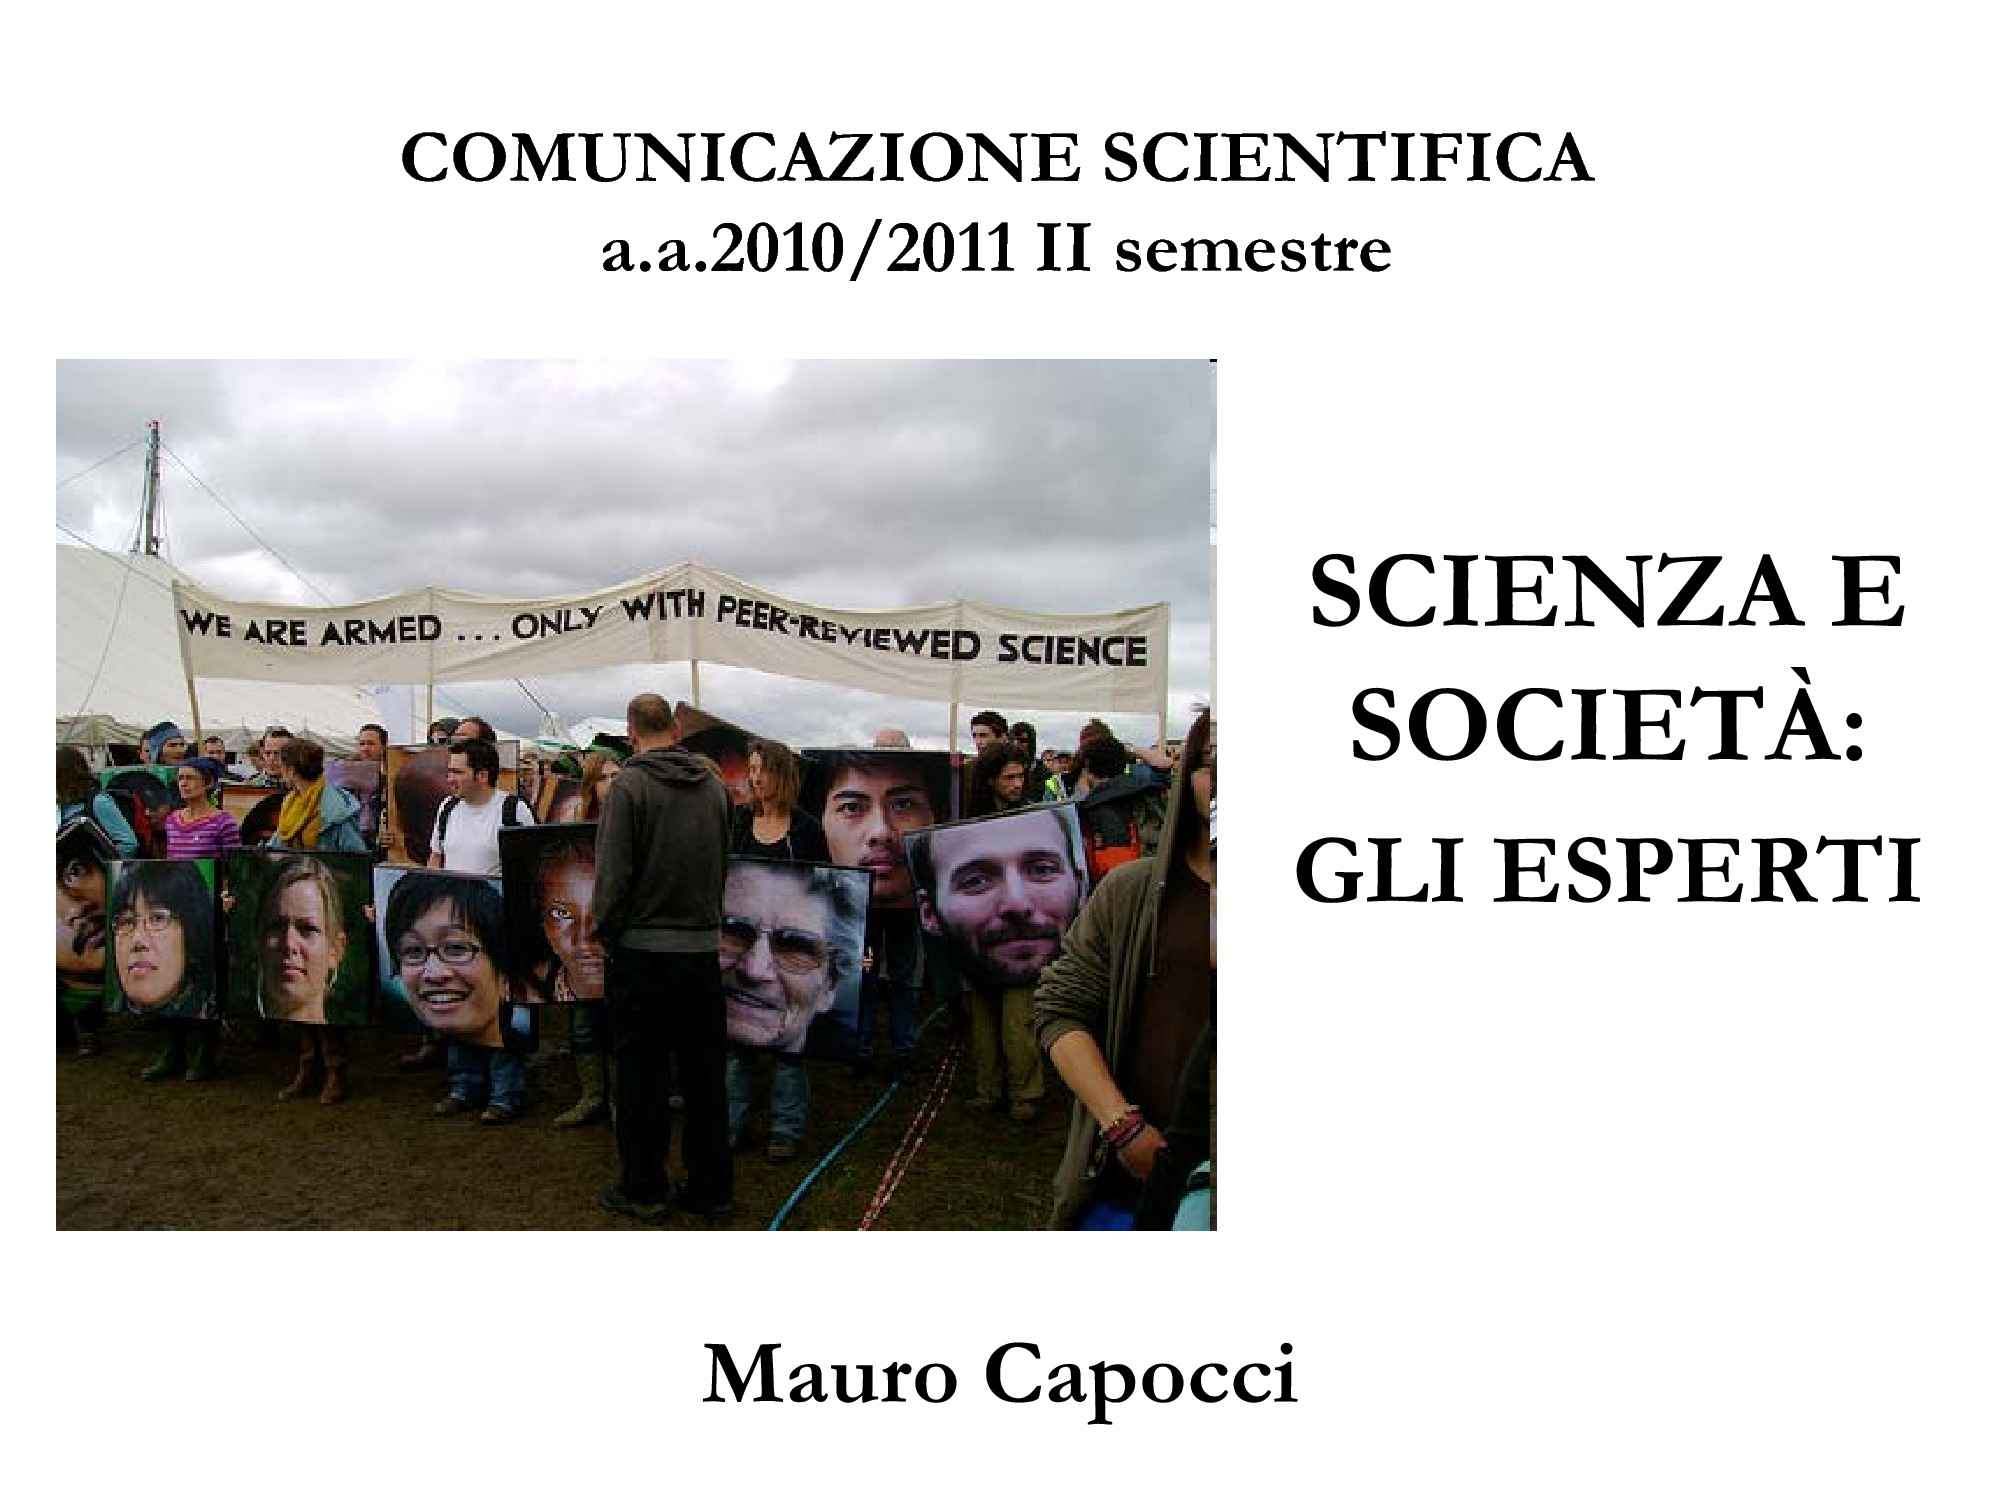 Scienza e società - Dialogo e co-produzione